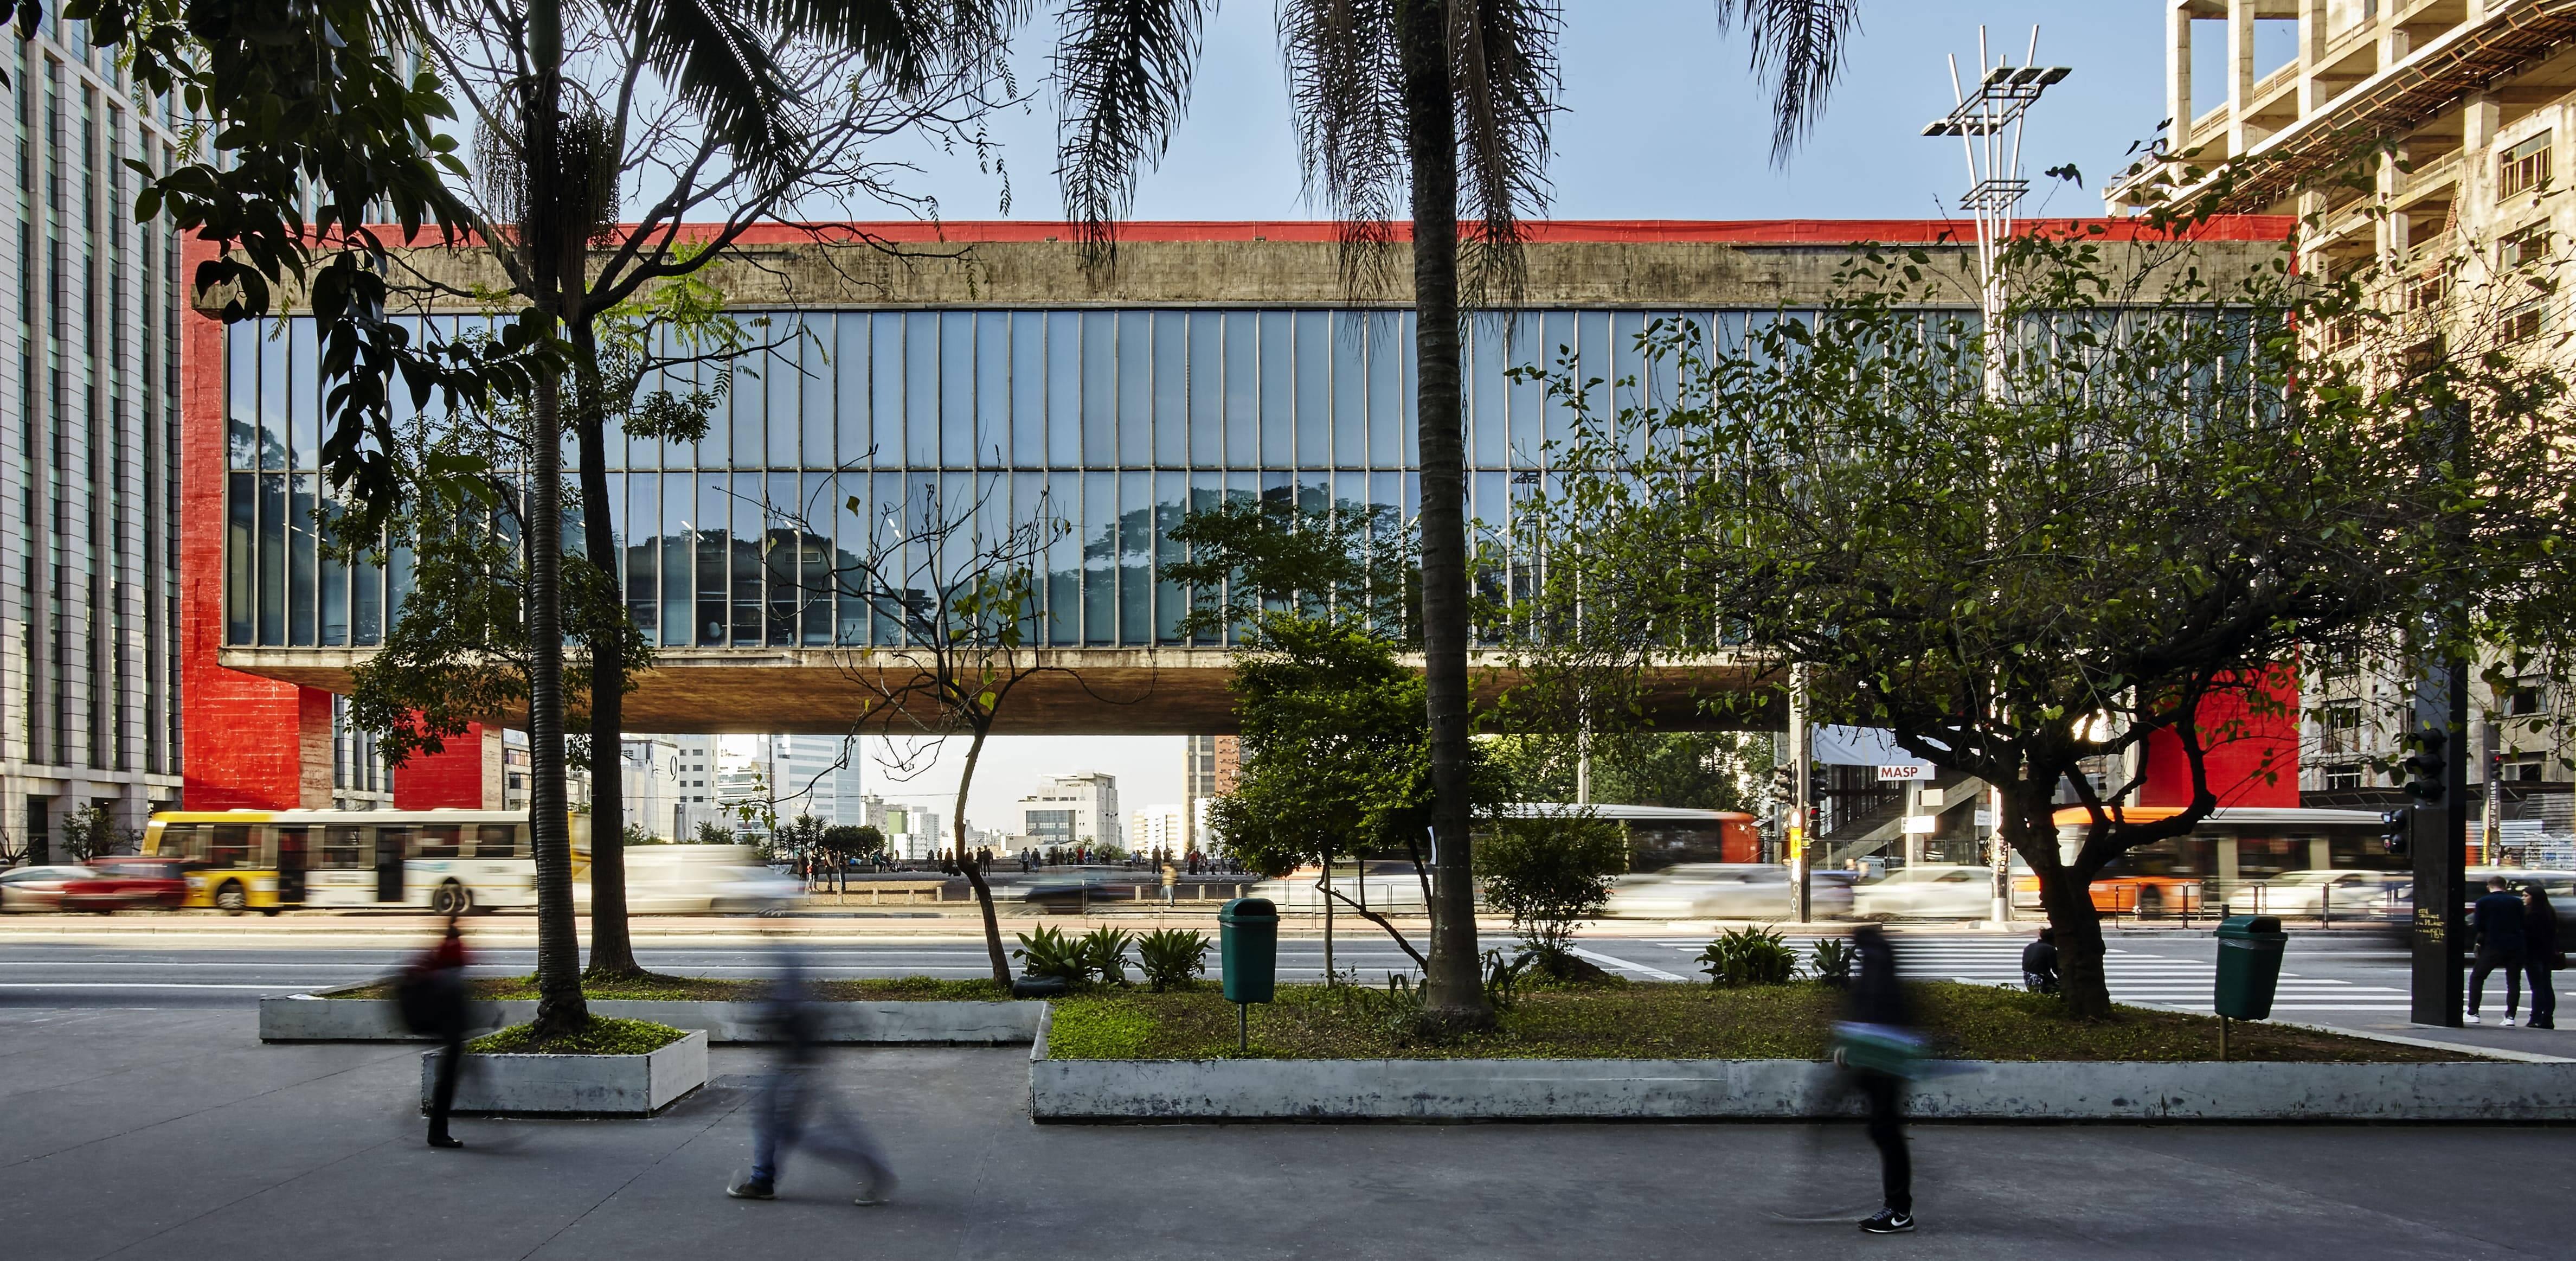 Avenida Paulista abriga o Museu de Arte de São Paulo (MASP). Foto: divulgação/Masp